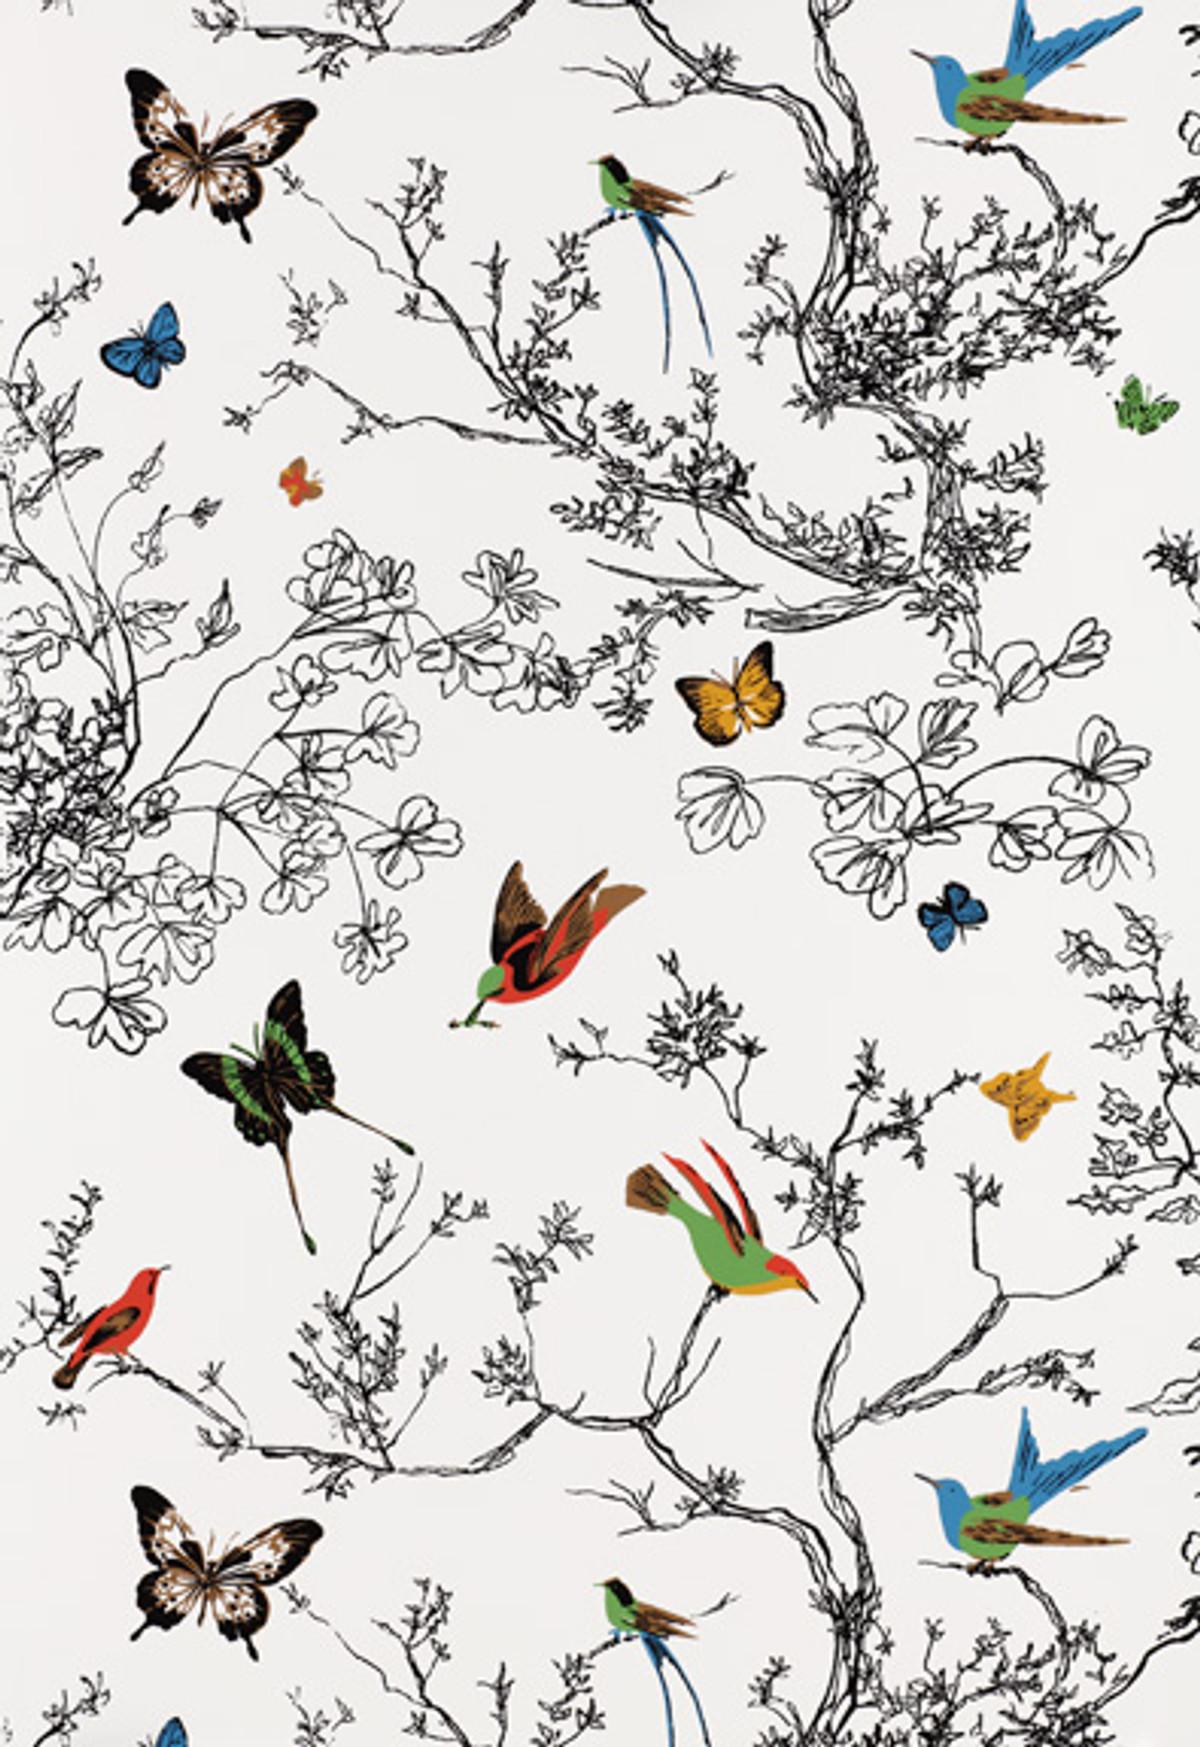 Schumacher Birds And Butterflies Wallpaper